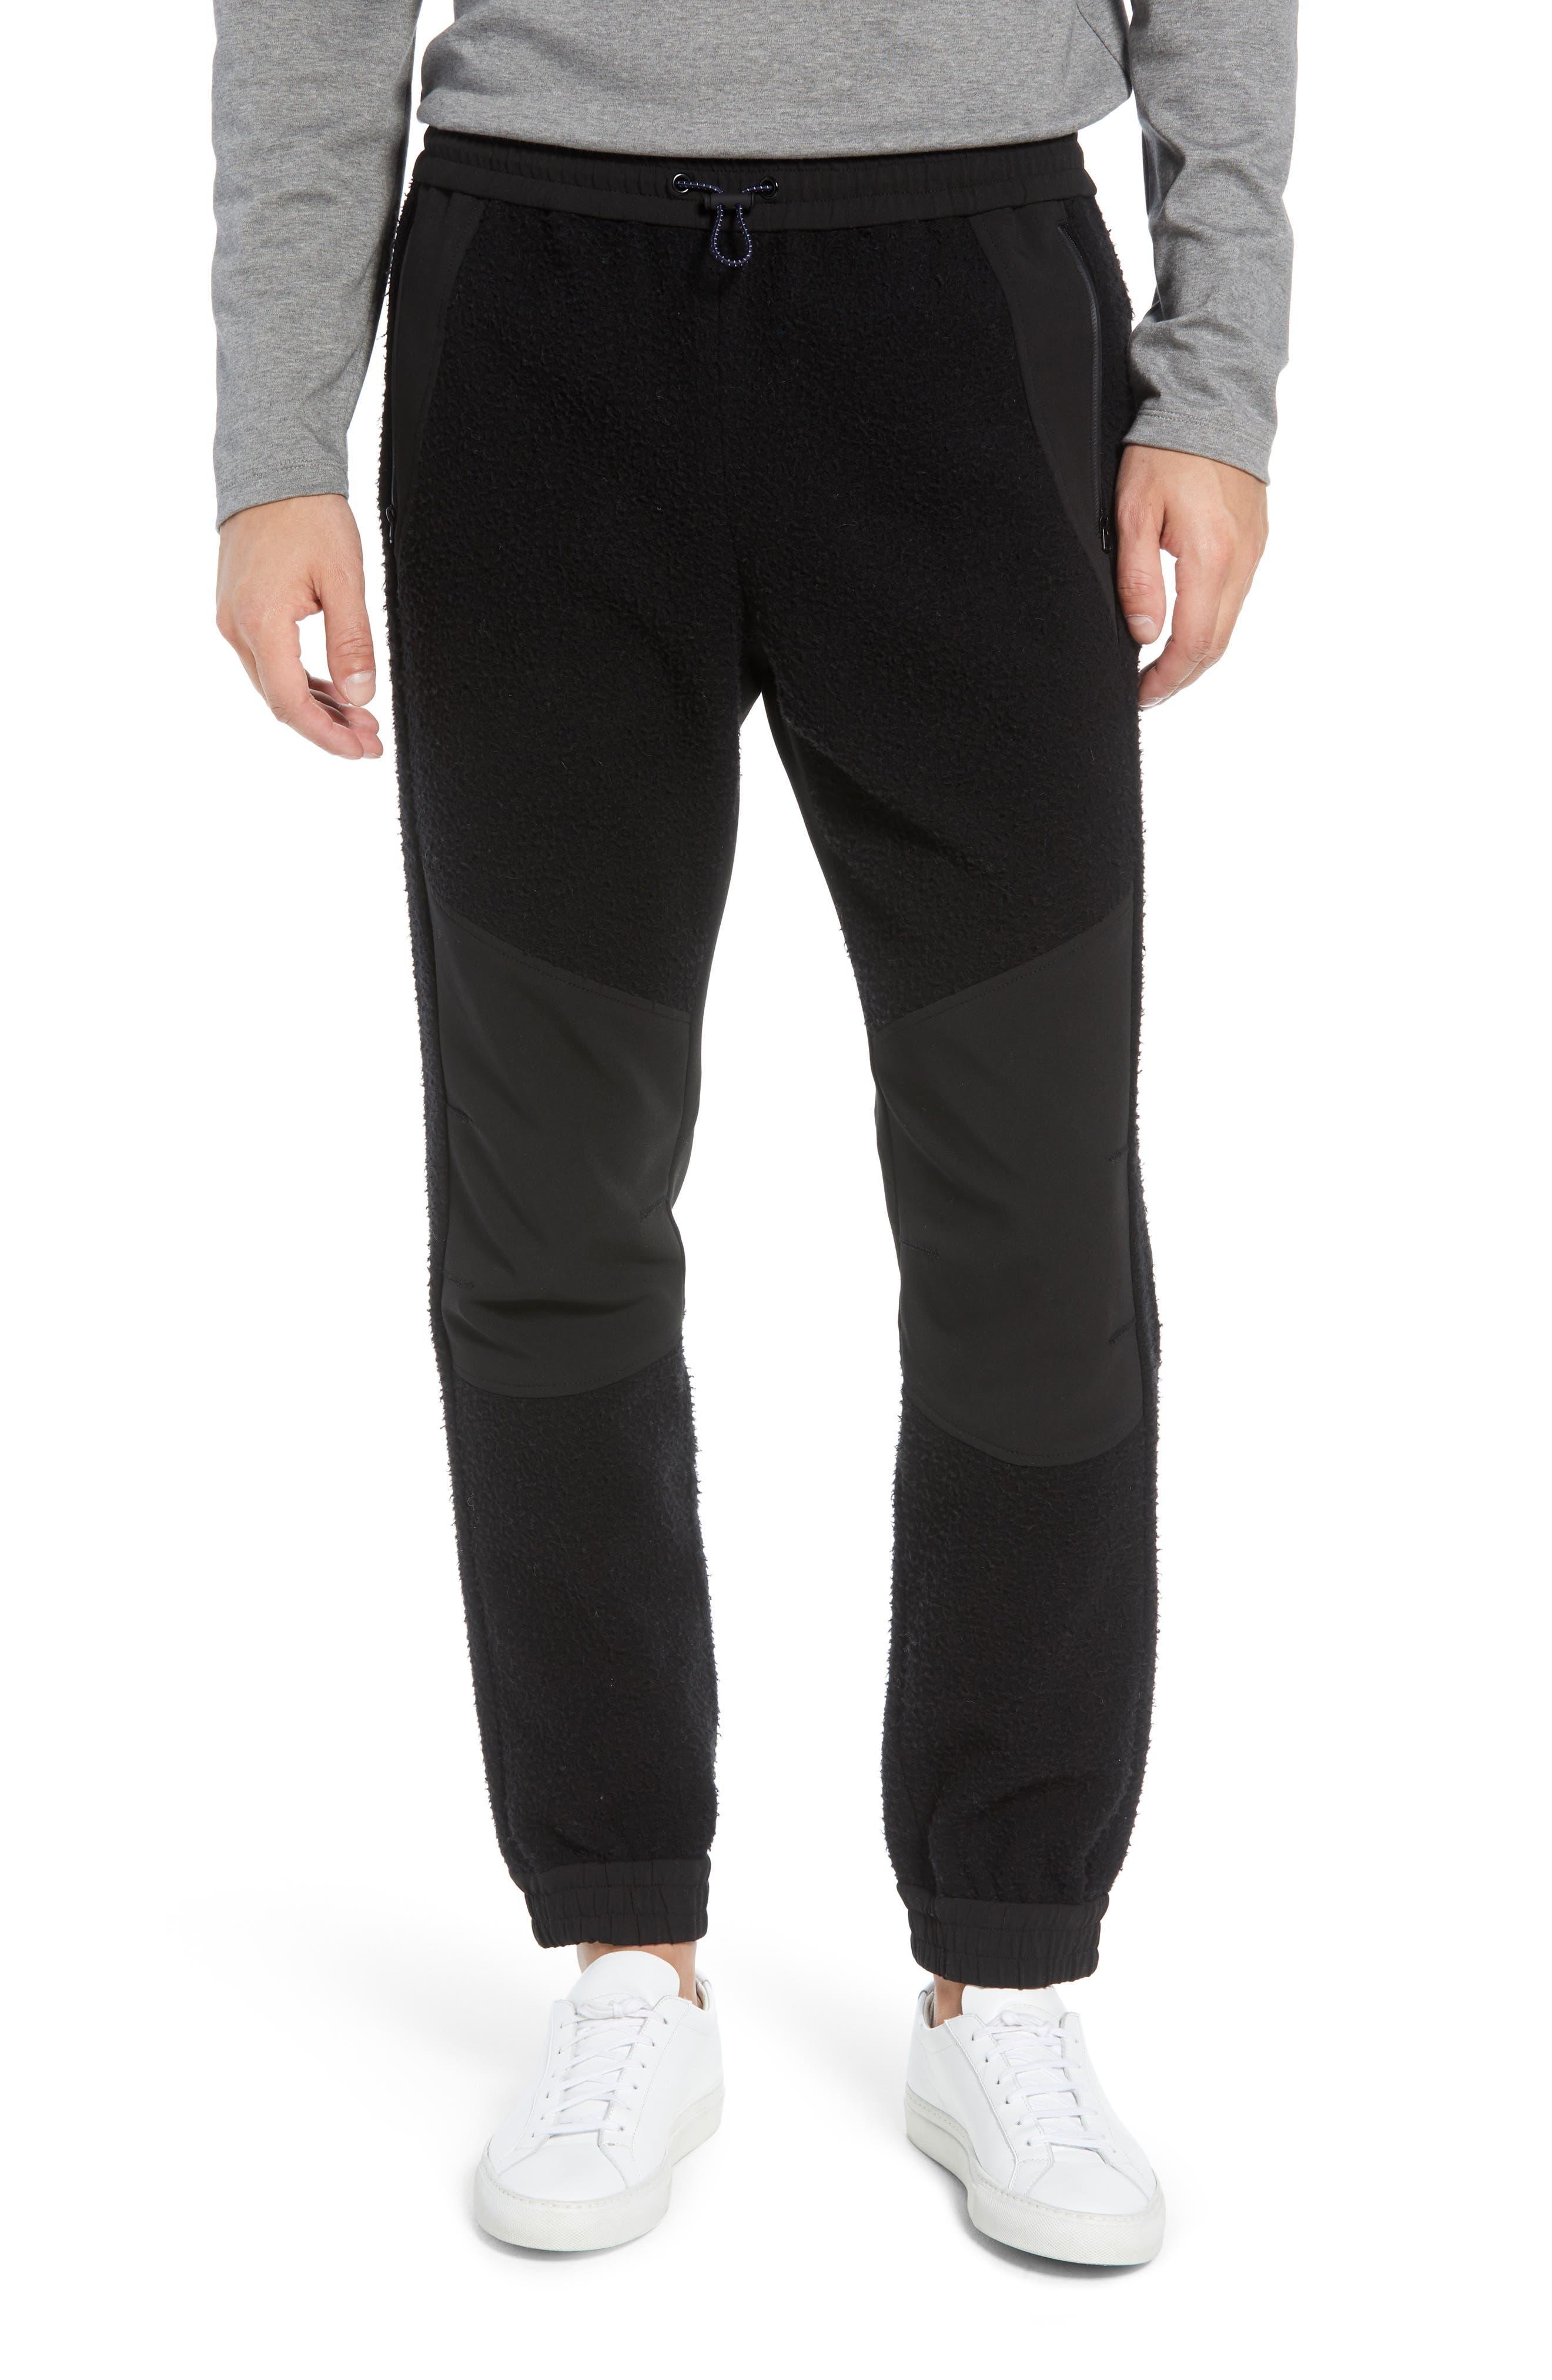 Tech Jogger Pants,                         Main,                         color, BLACK